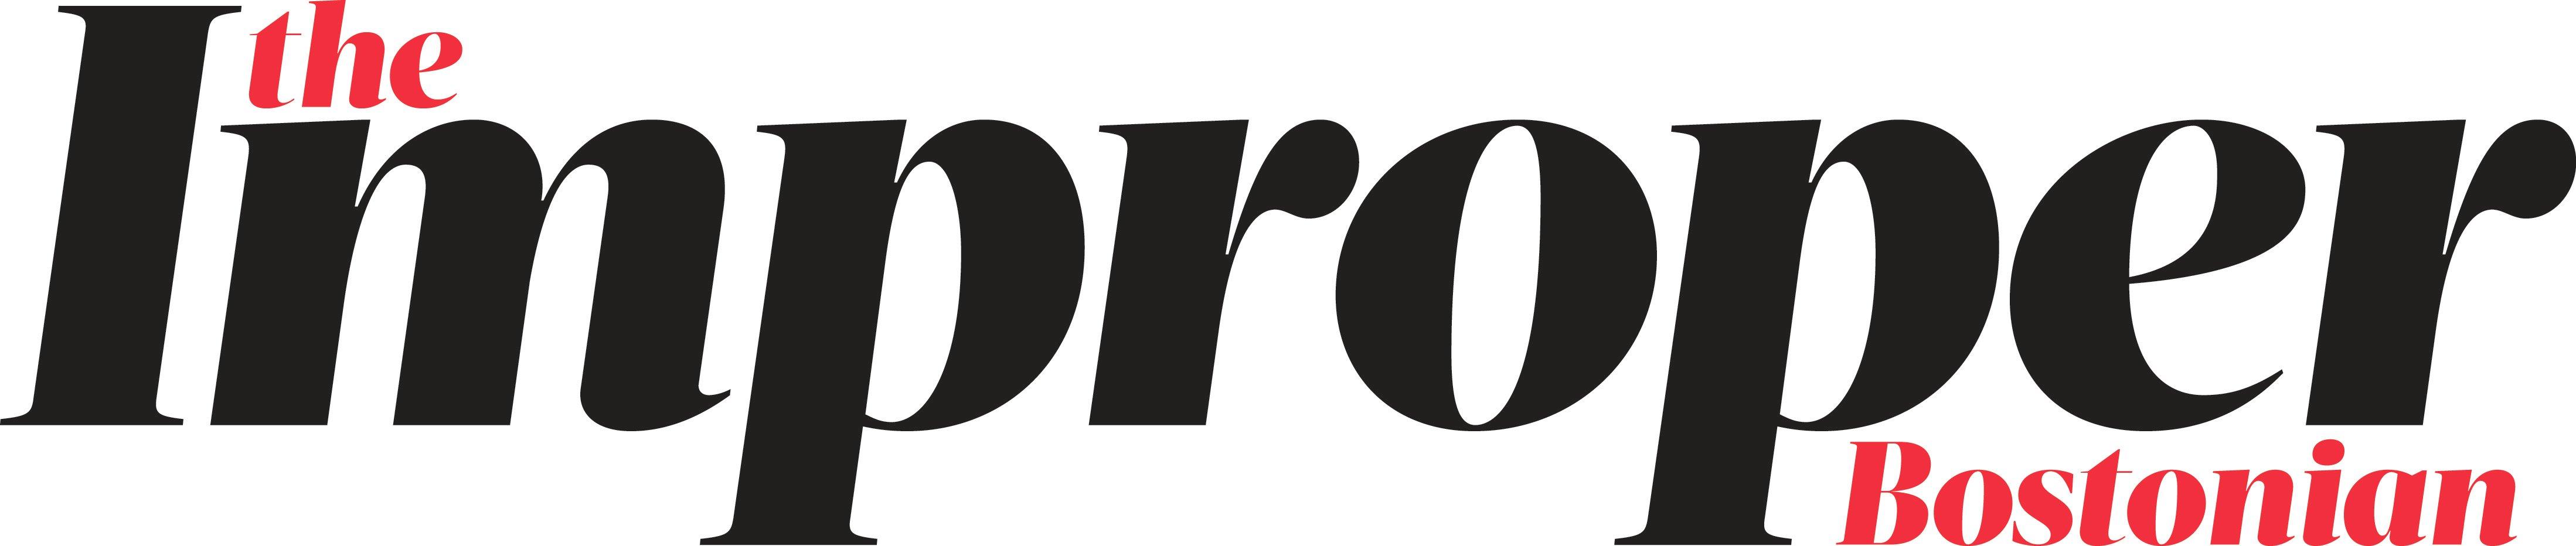 Improper_logo_vector_b+r